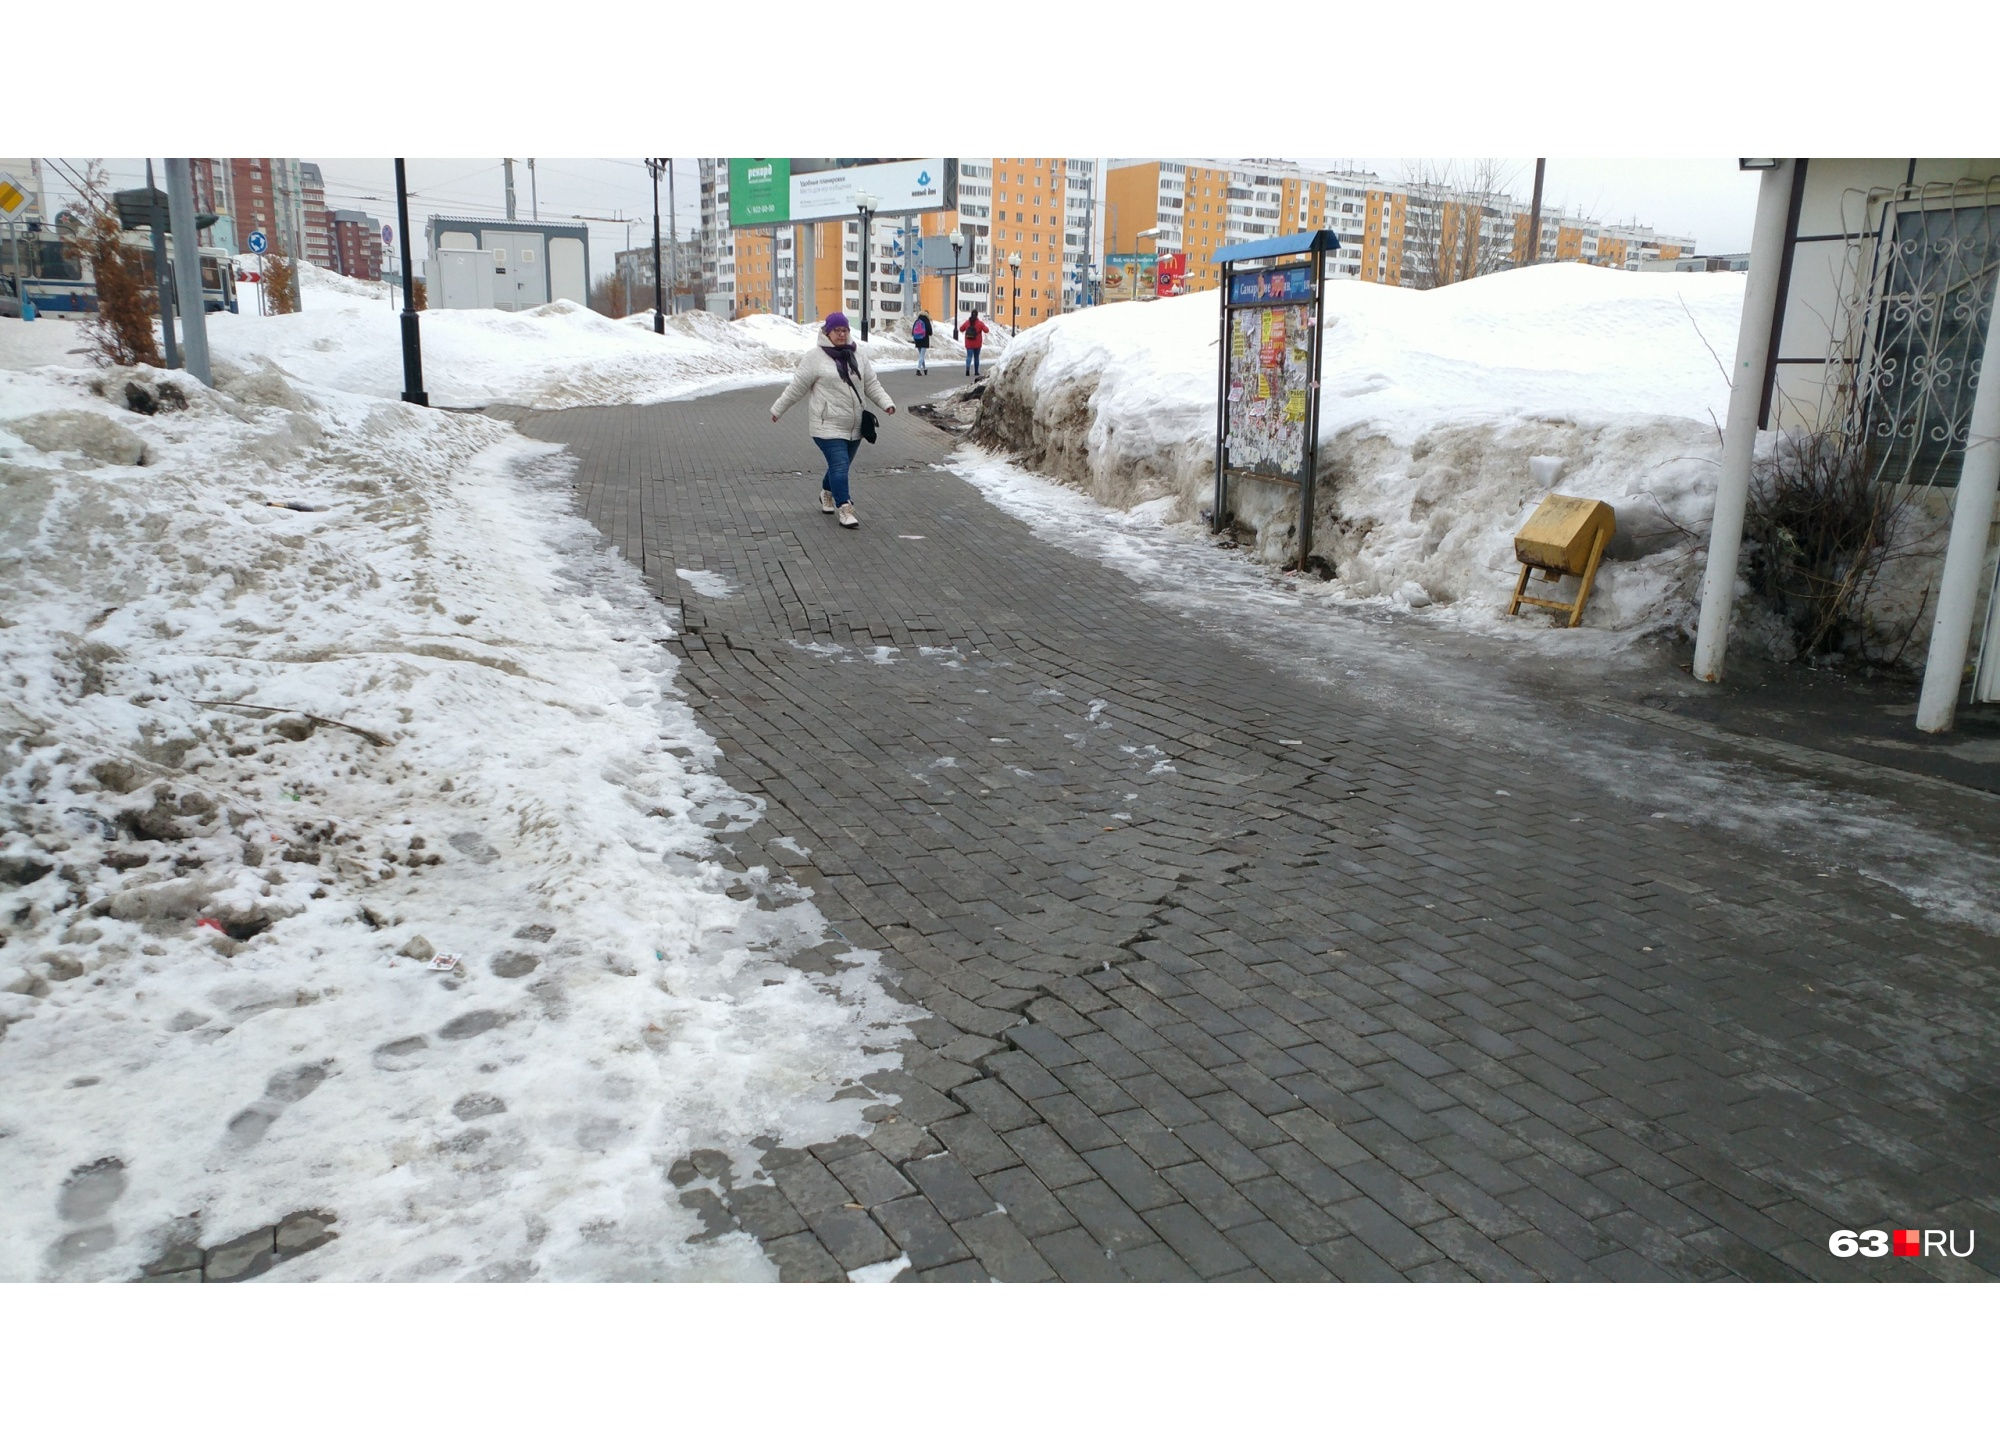 """Реконструкцию Московского шоссе проводили в 2014–2017 годах; а в 2018-м уже <a href=""""https://63.ru/text/gorod/54281581"""" target=""""_blank"""" class=""""_"""">начались провалы</a> плитки<br>"""